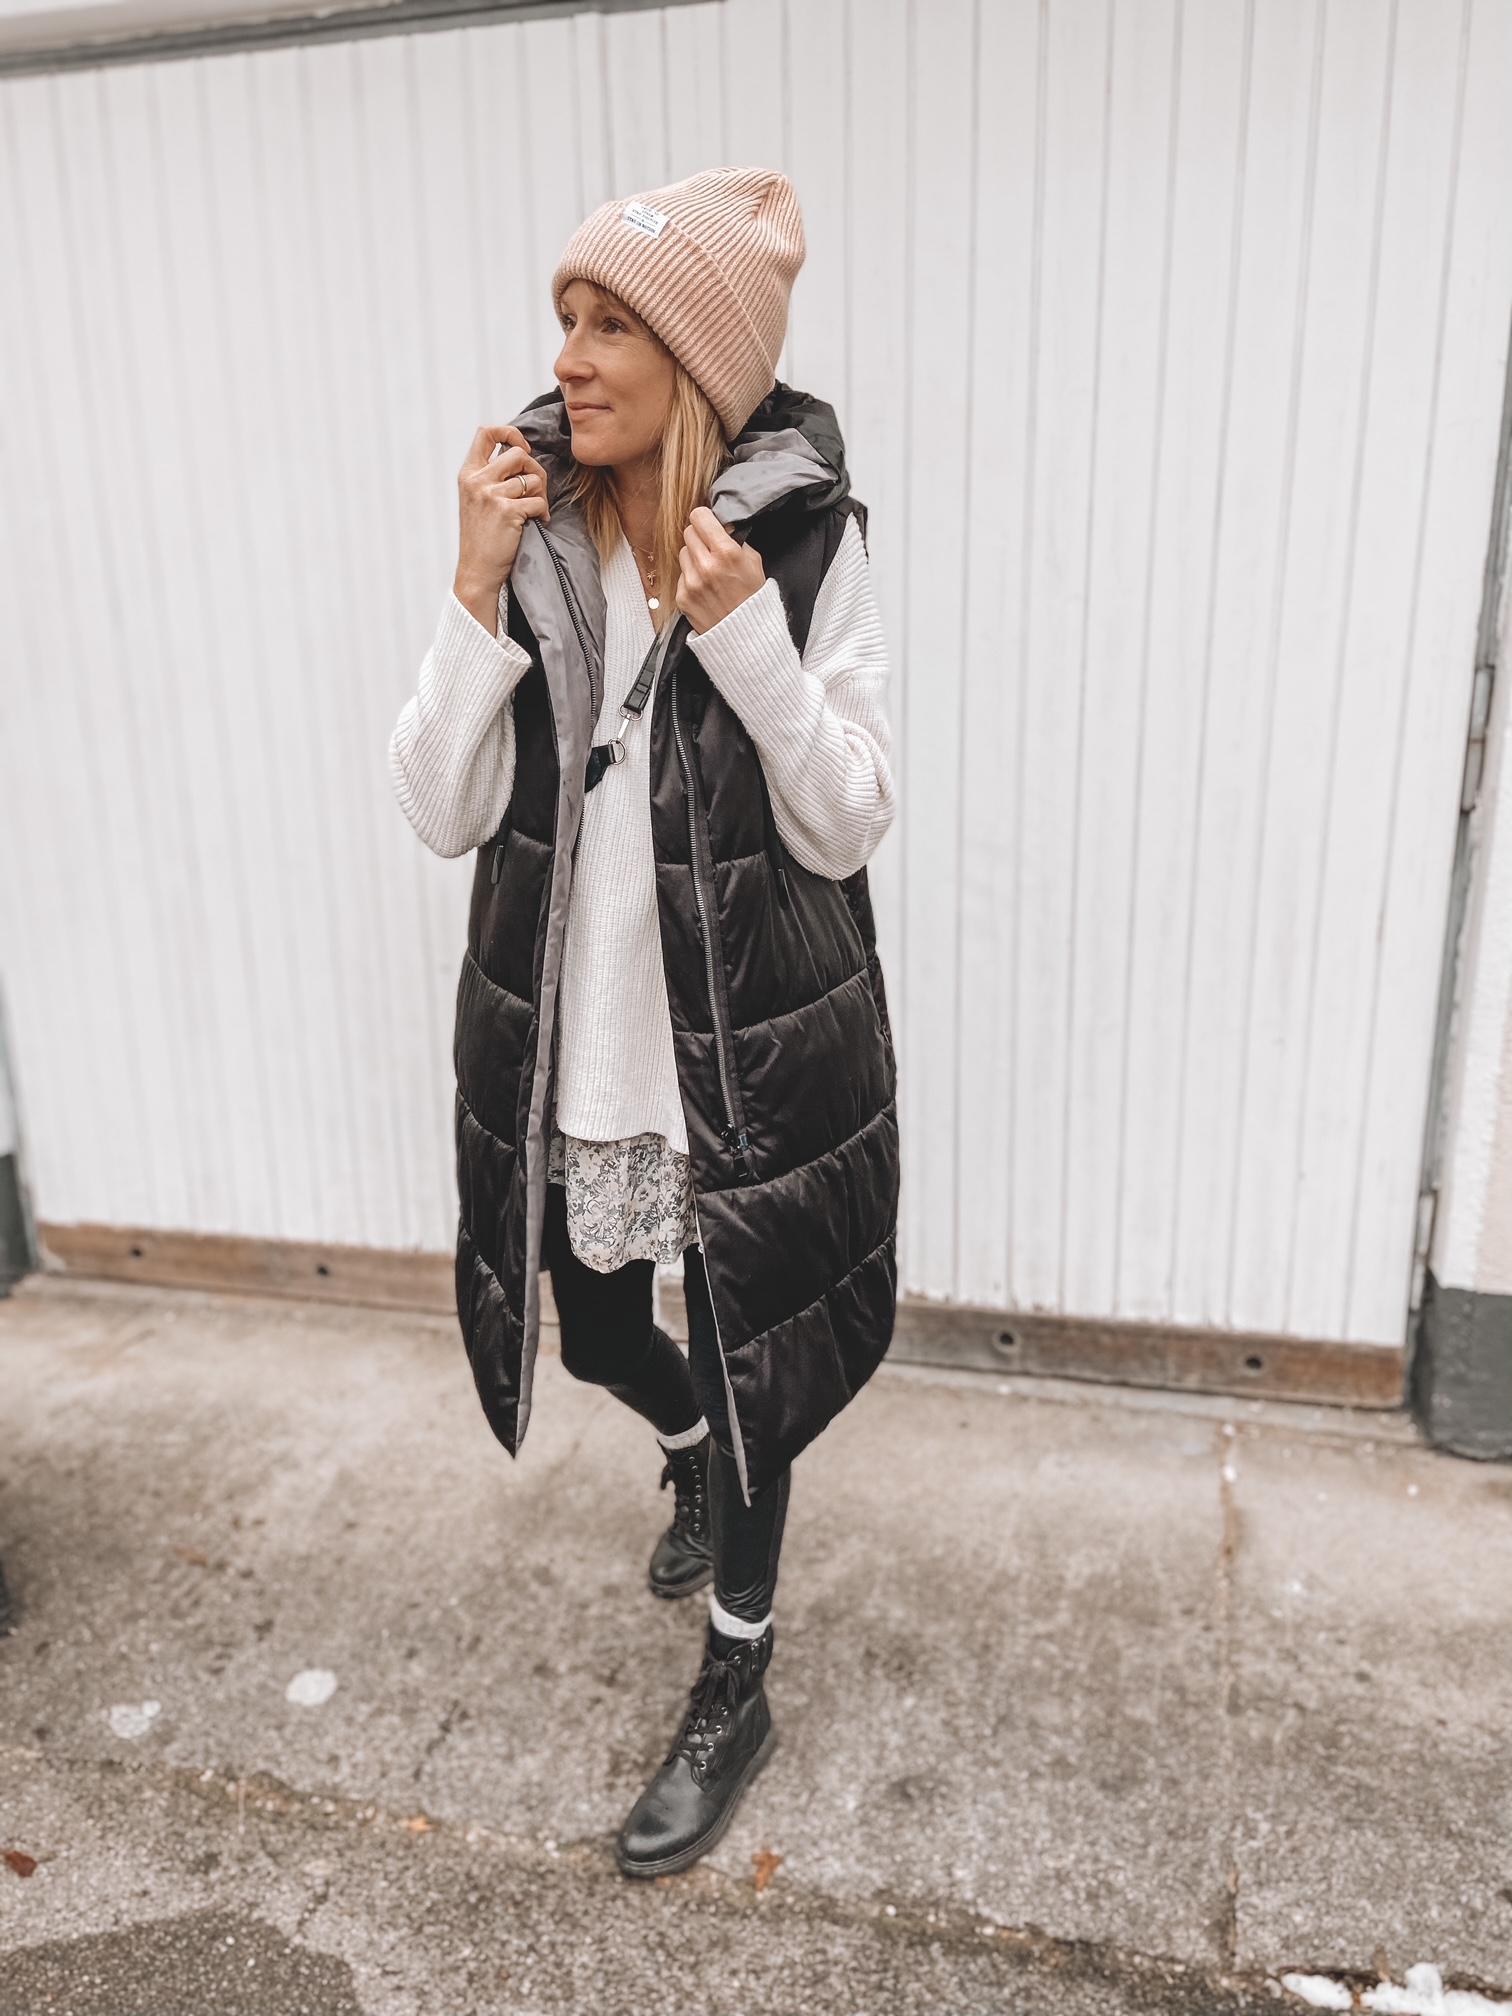 Kleider im Winter stylen